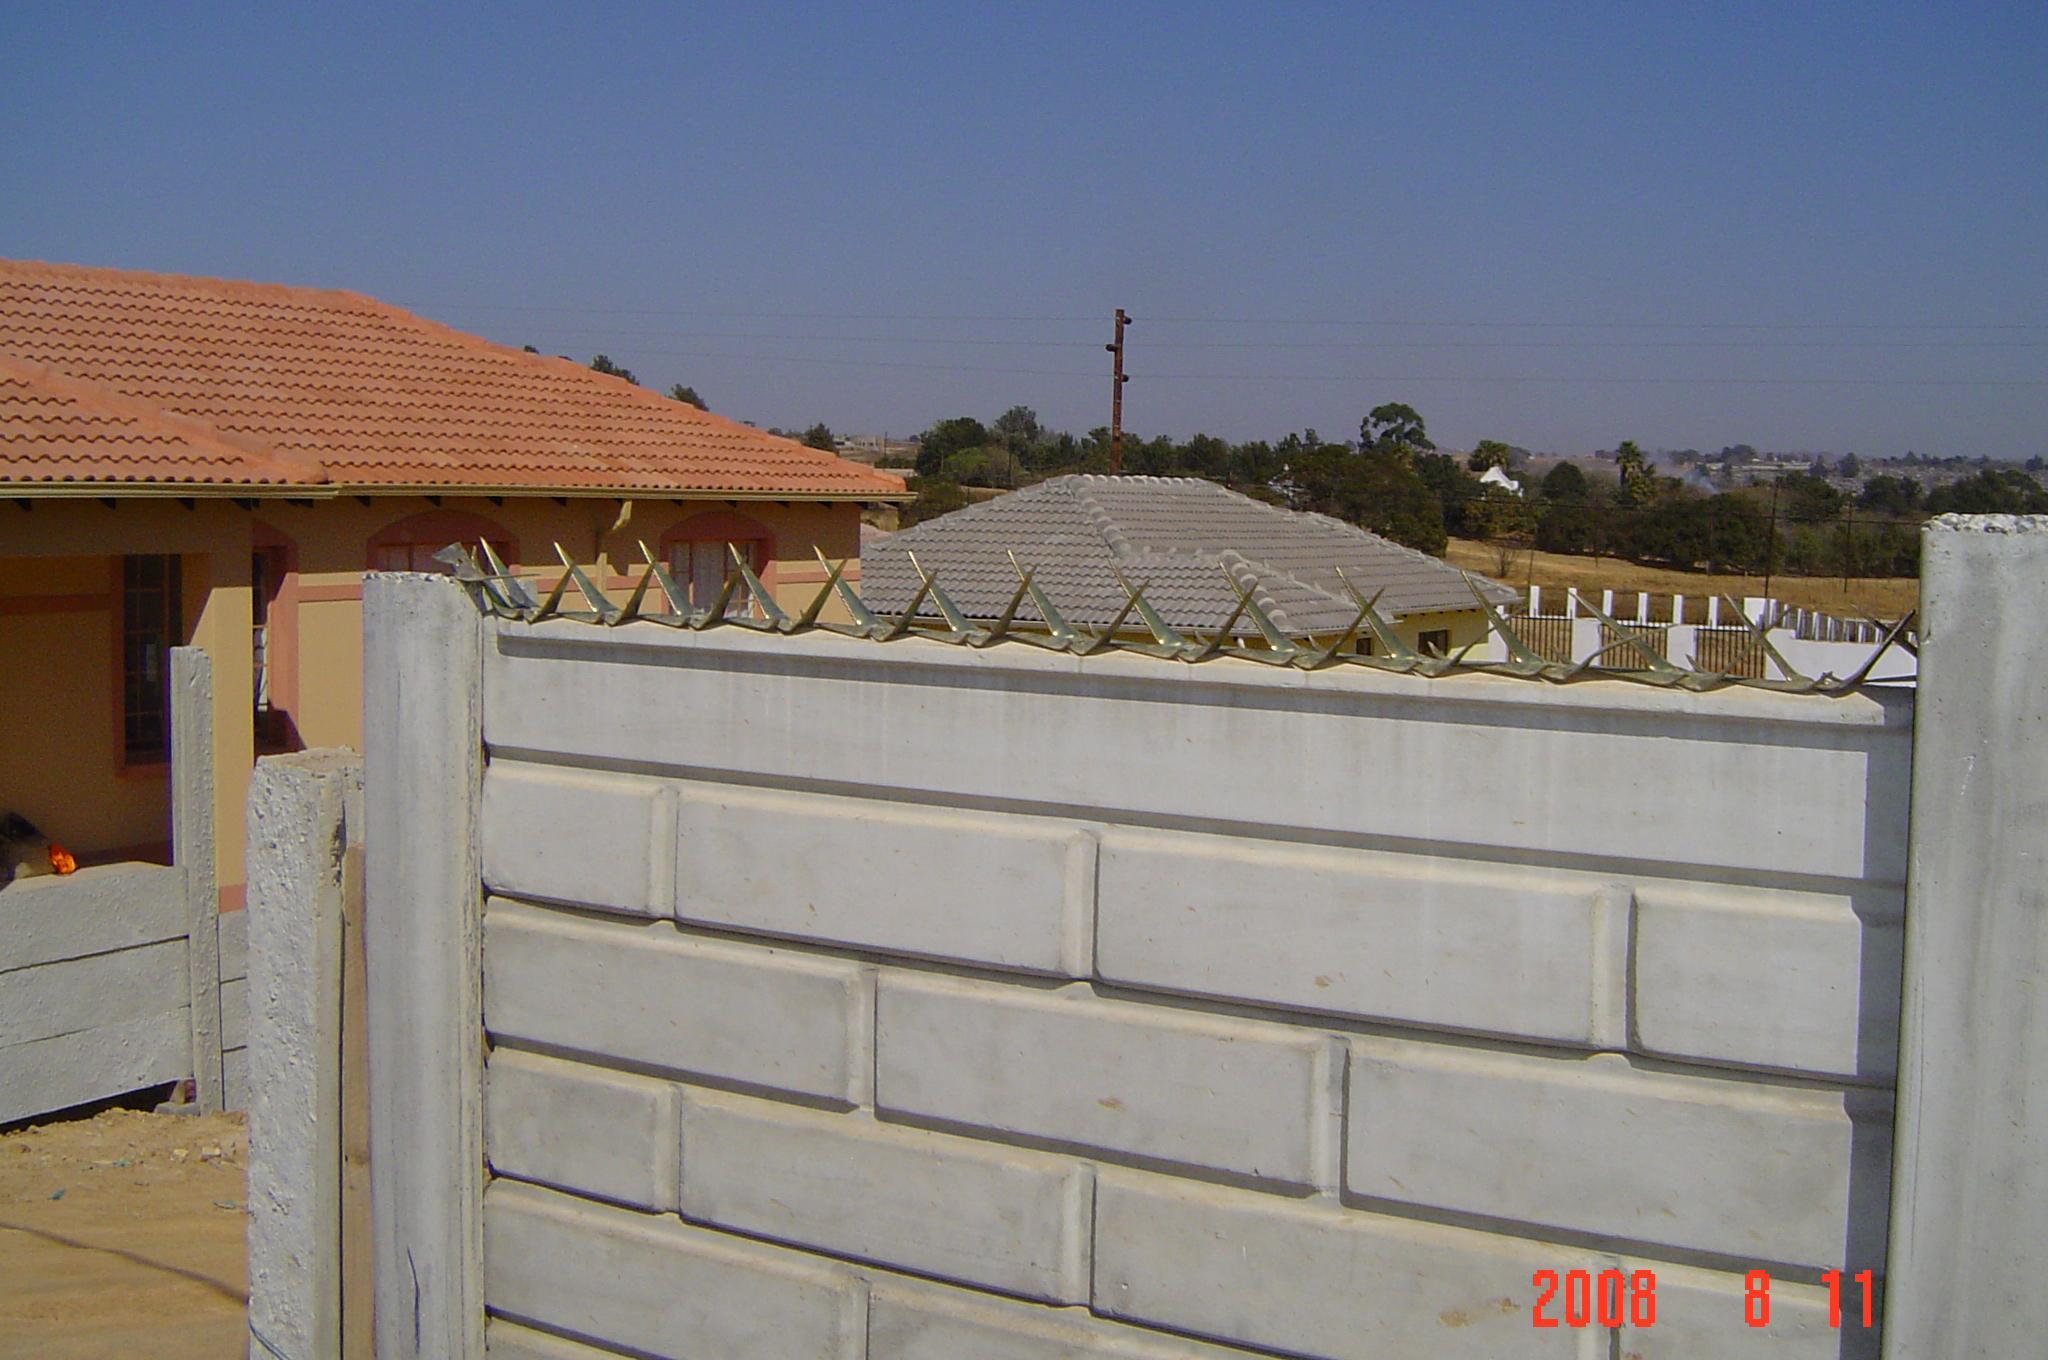 工程围墙,封闭式围墙,通透式围墙